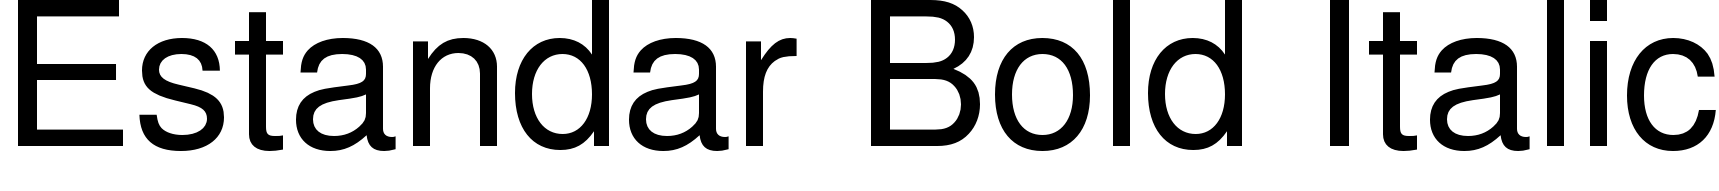 Estandar Bold Italic